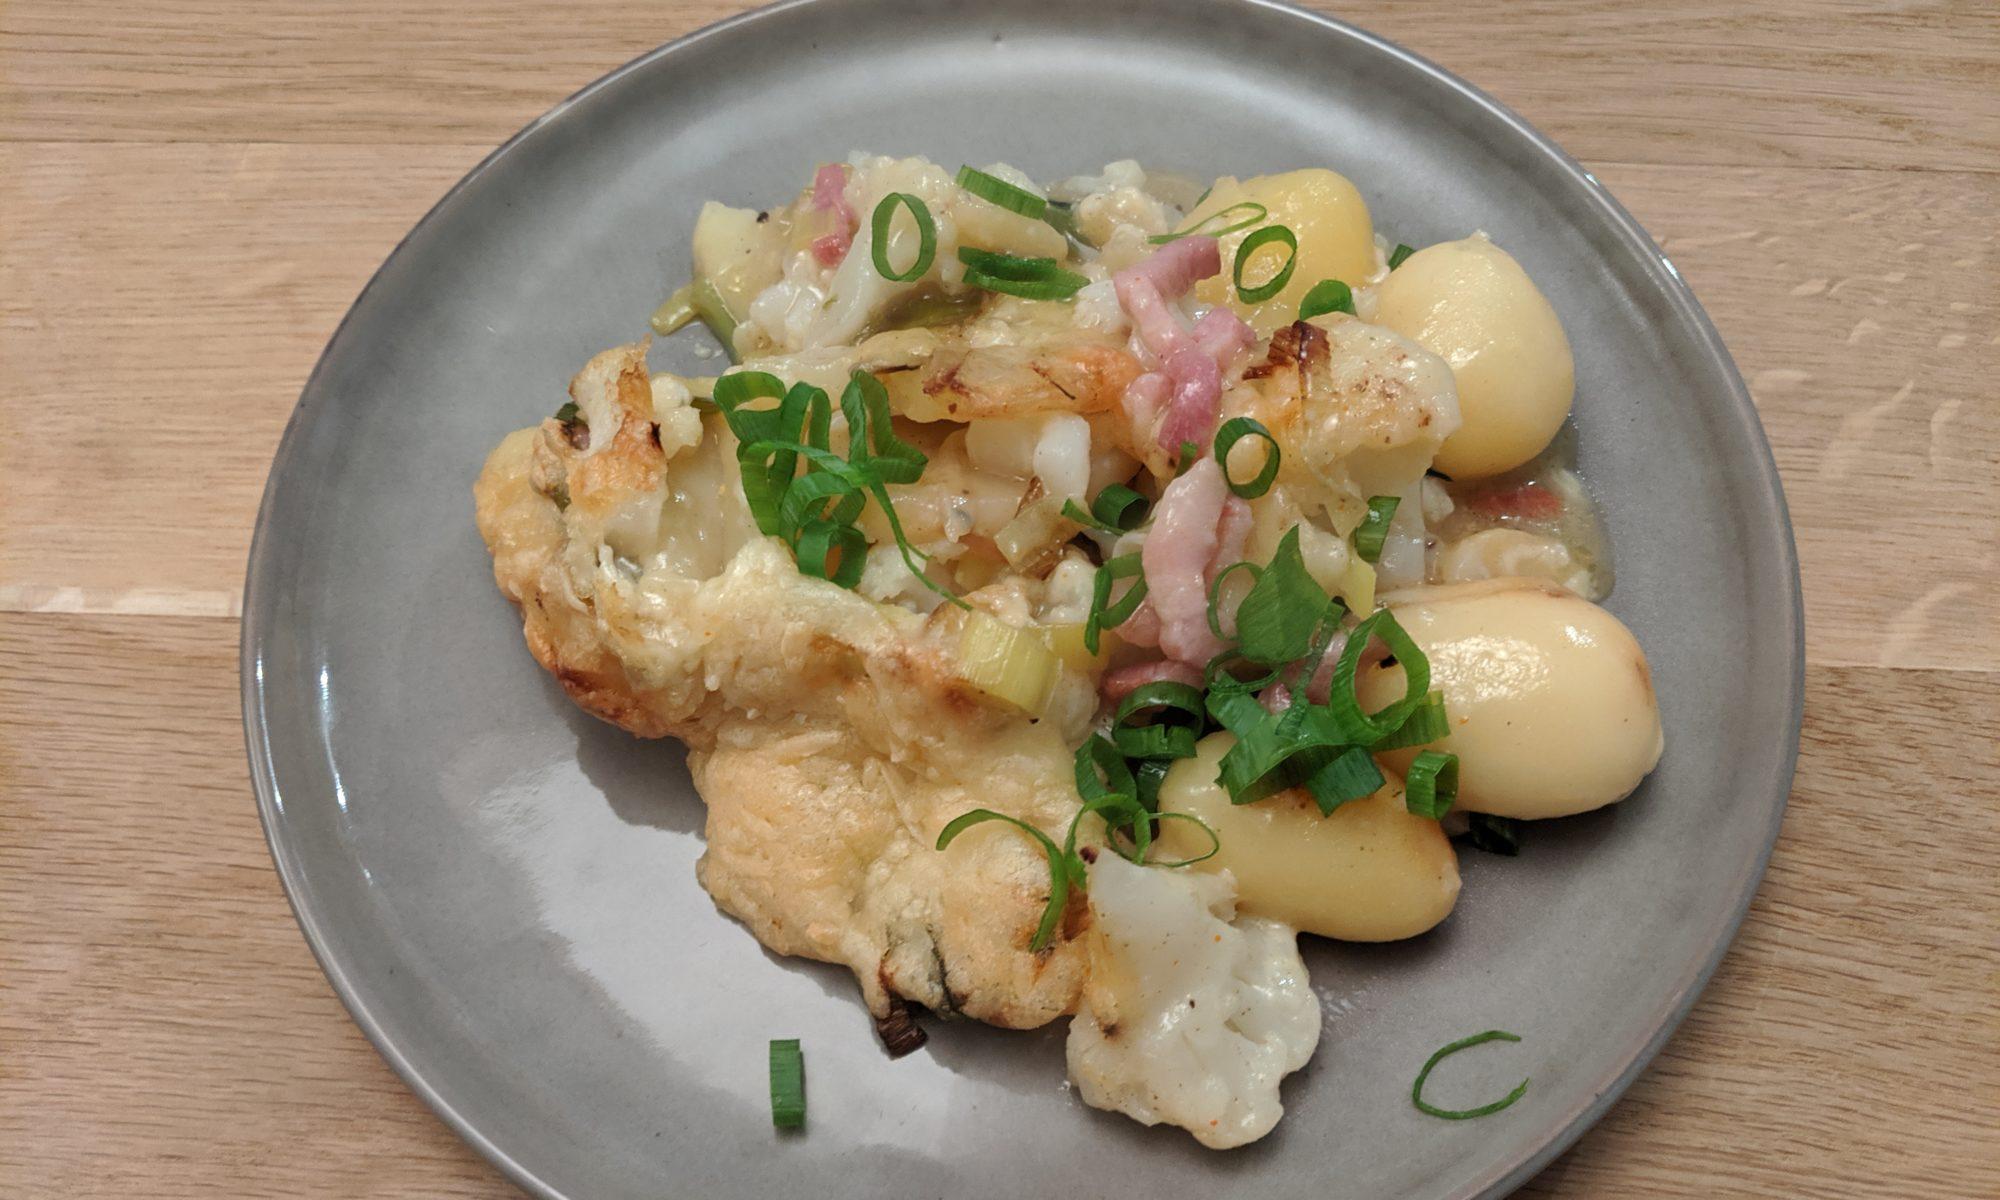 Putpatat ovenschotel met aardappelen bloemkool prei en spekjes